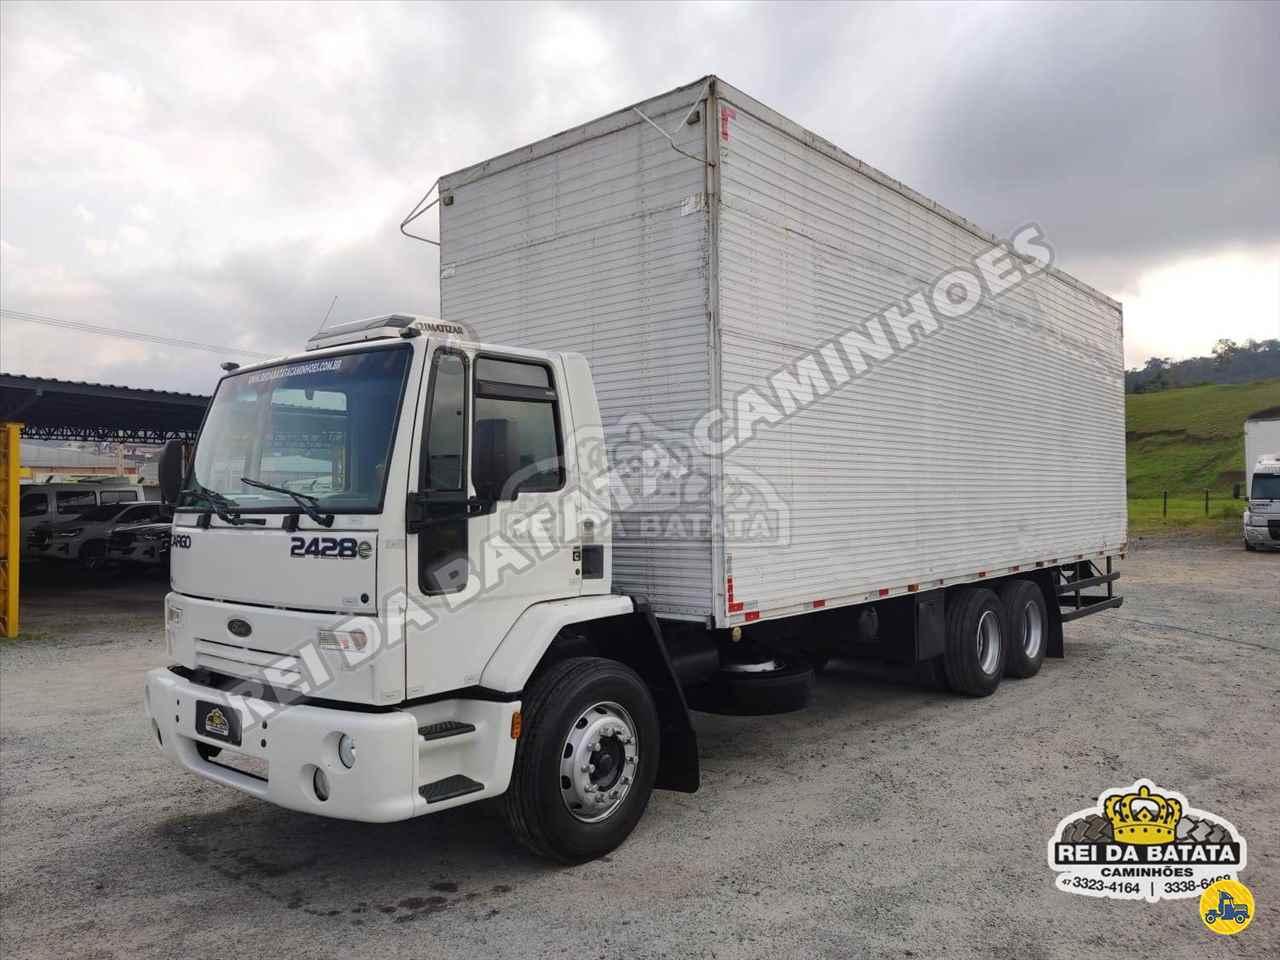 CAMINHAO FORD CARGO 2428 Baú Furgão Truck 6x2 Rei da Batata Caminhões BLUMENAU SANTA CATARINA SC